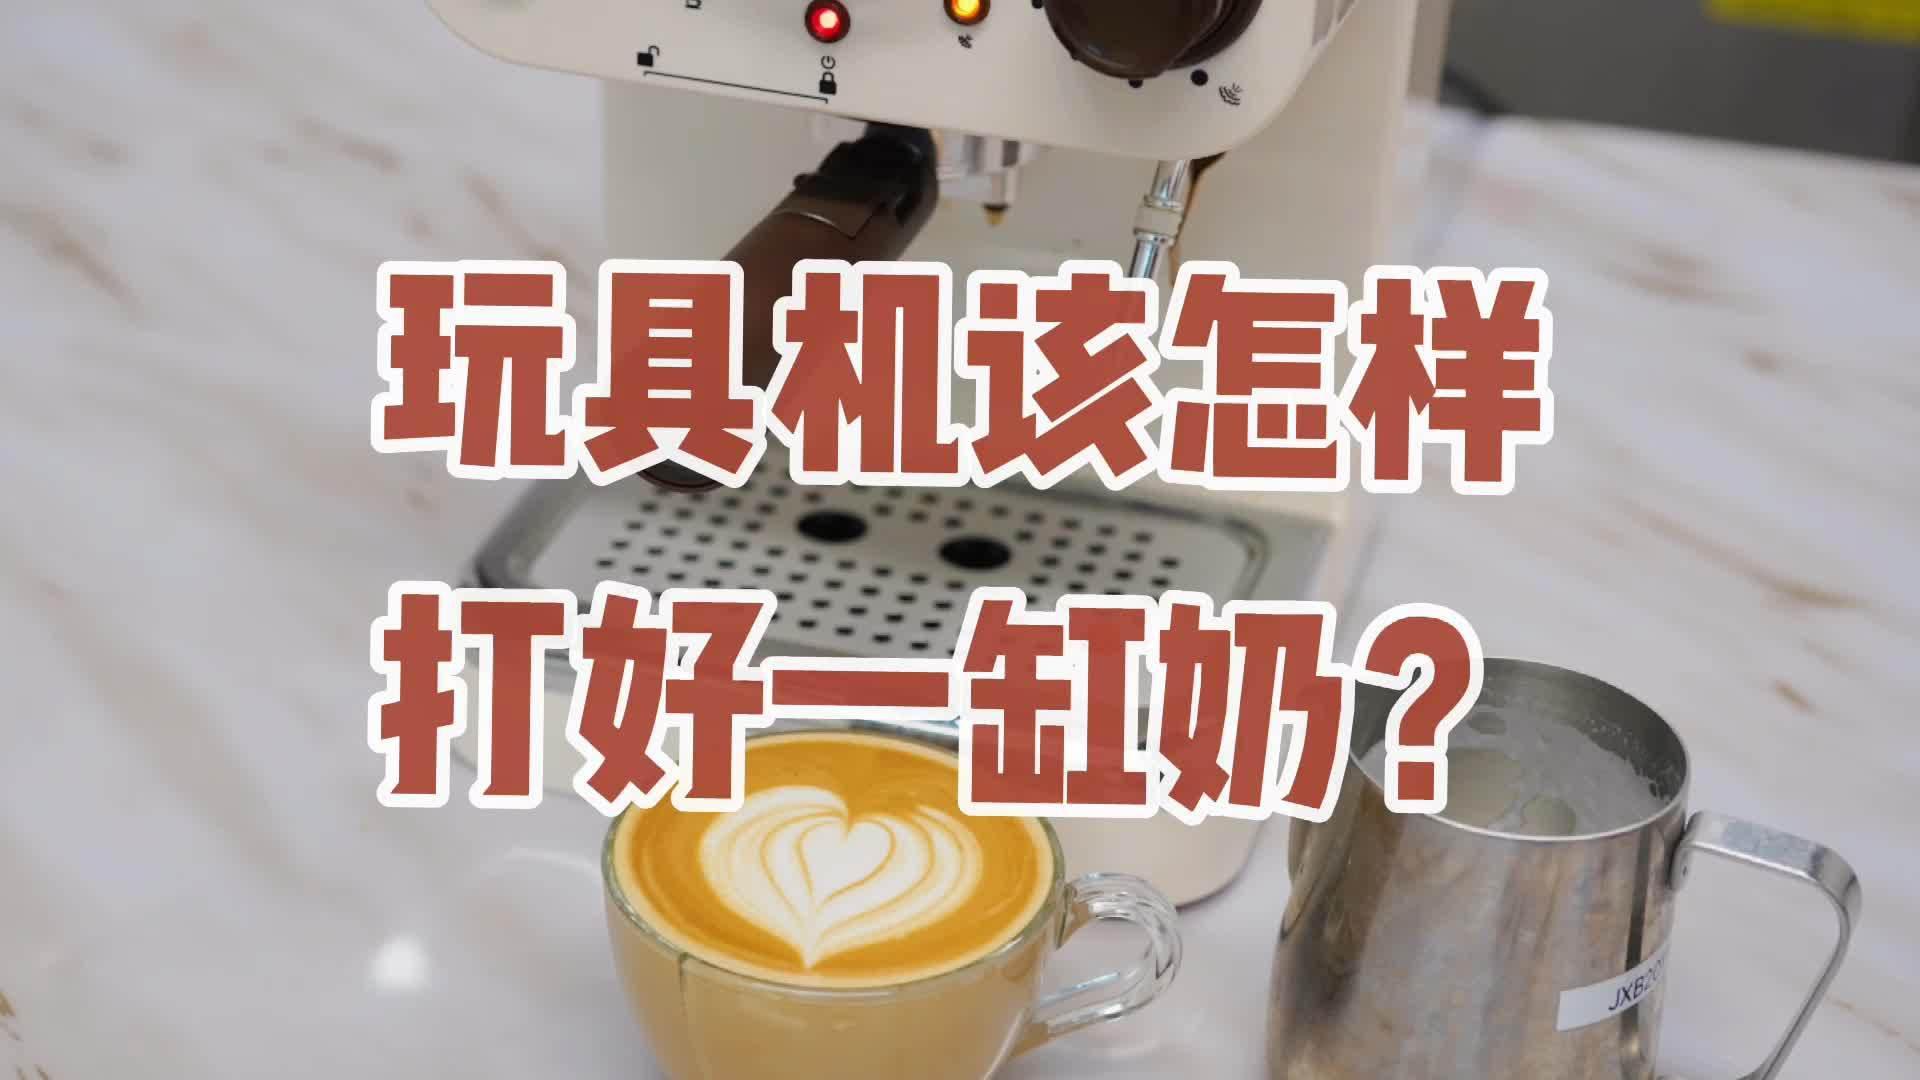 百元级玩具咖啡机教程@网易严选 单孔家用咖啡机的打奶泡技巧……